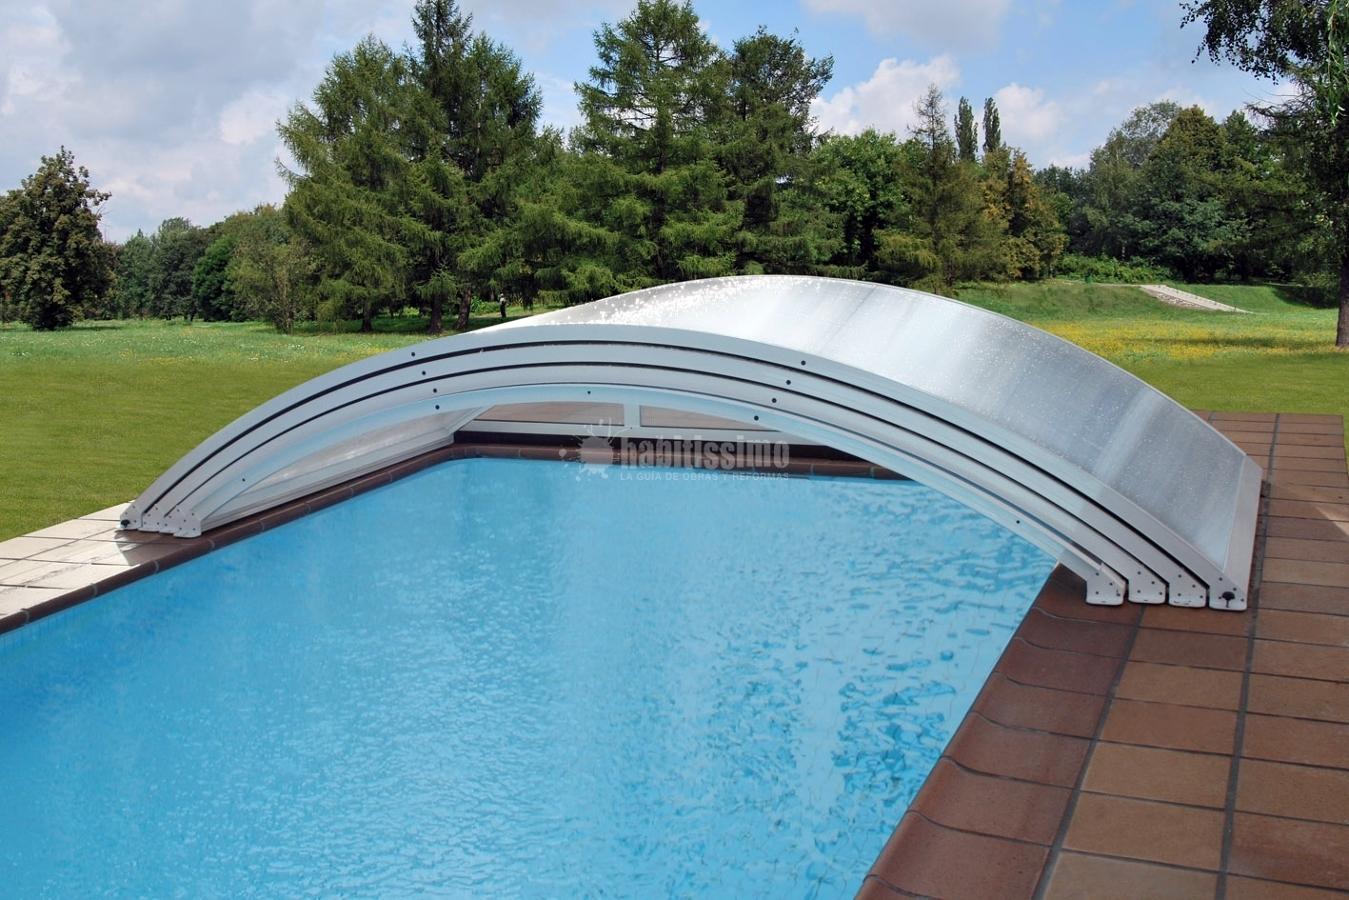 Foto carpinter a aluminio cubiertas piscinas techos for Piscinas cubiertas salamanca